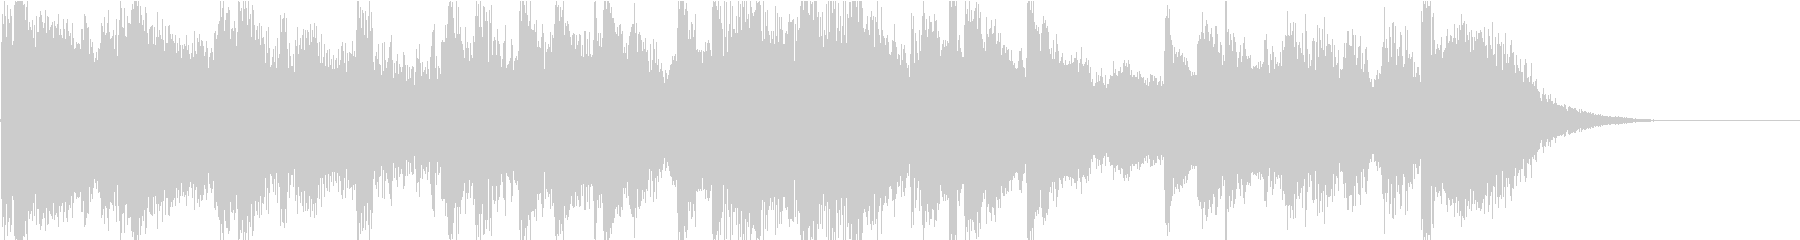 ジングル 軽快なカリビアン の未再生の波形